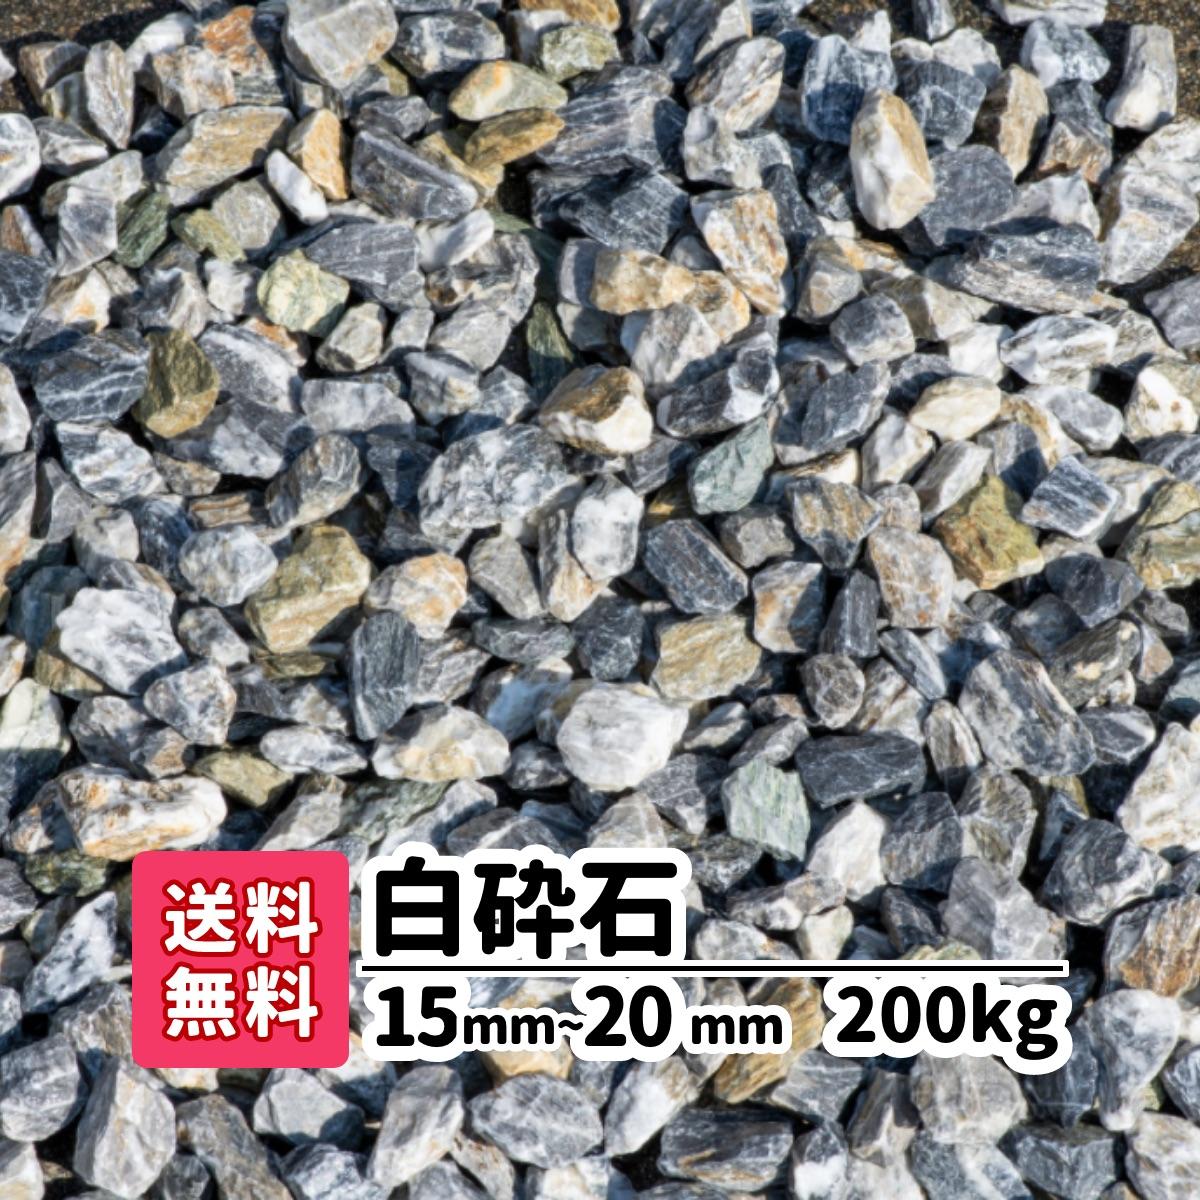 【送料無料】200kg 白砕石 15mm~20mm(20kg×10)砕石 庭 アプローチ 防犯砂利 おしゃれ ガーデニング 駐車場 白い砂利 白い石 砂利